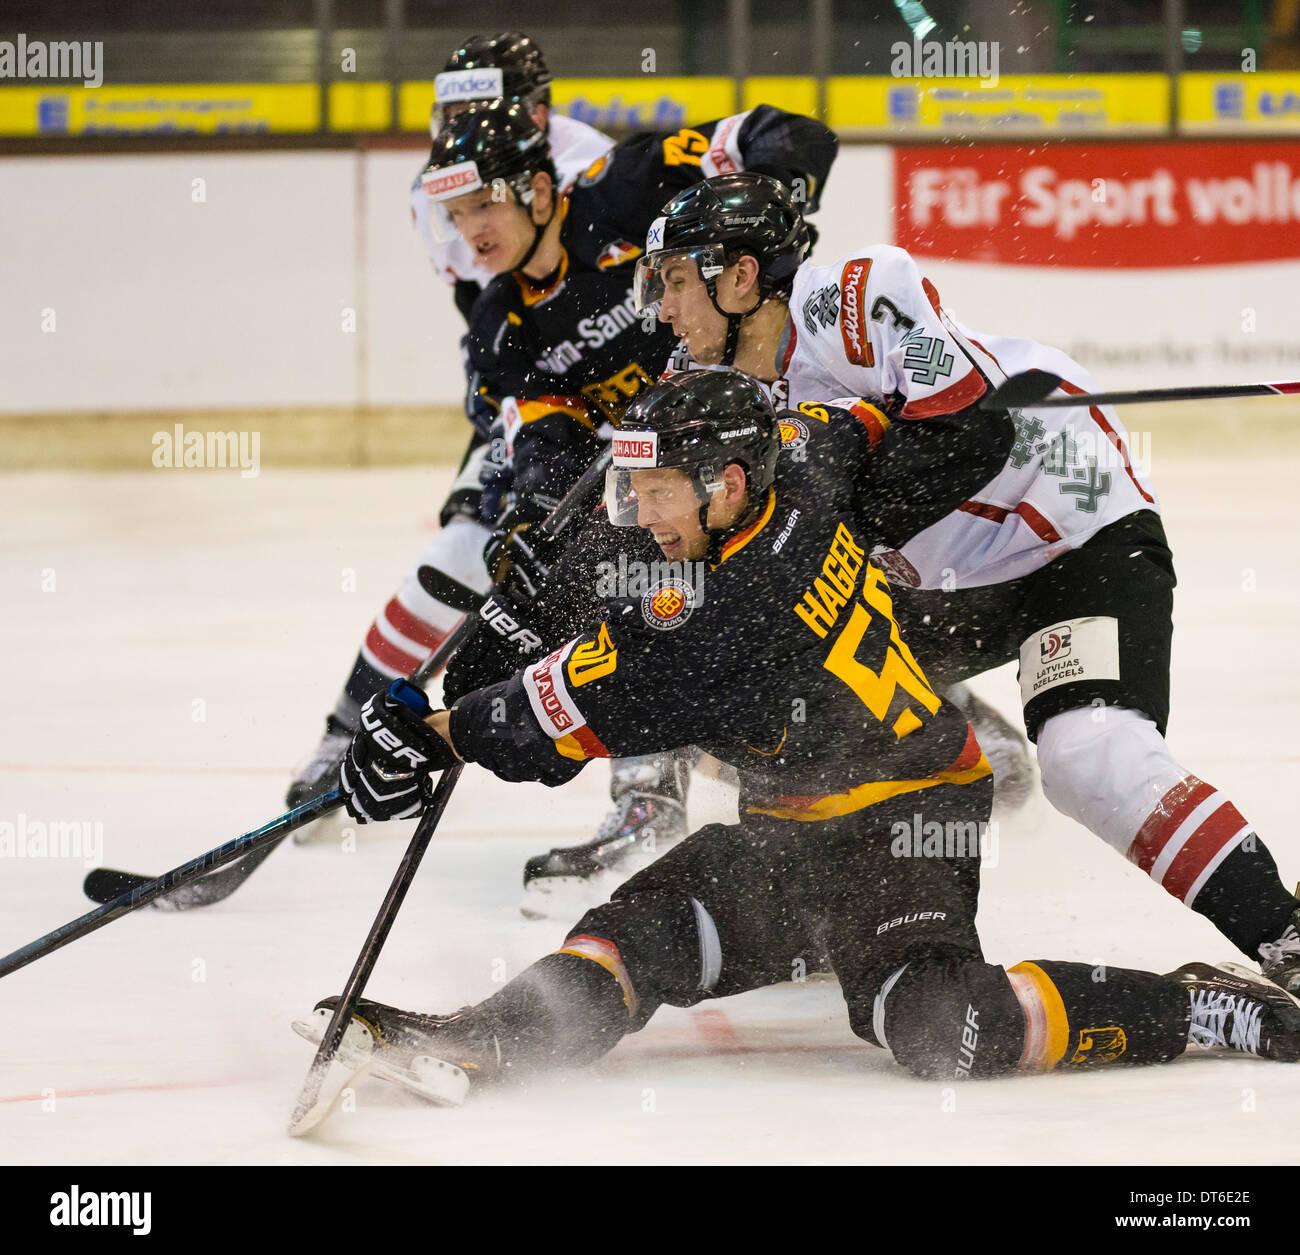 Joueur de hockey sur glace international allemand Patrick Hager, en face, joue pour l'équipe nationale Photo Stock